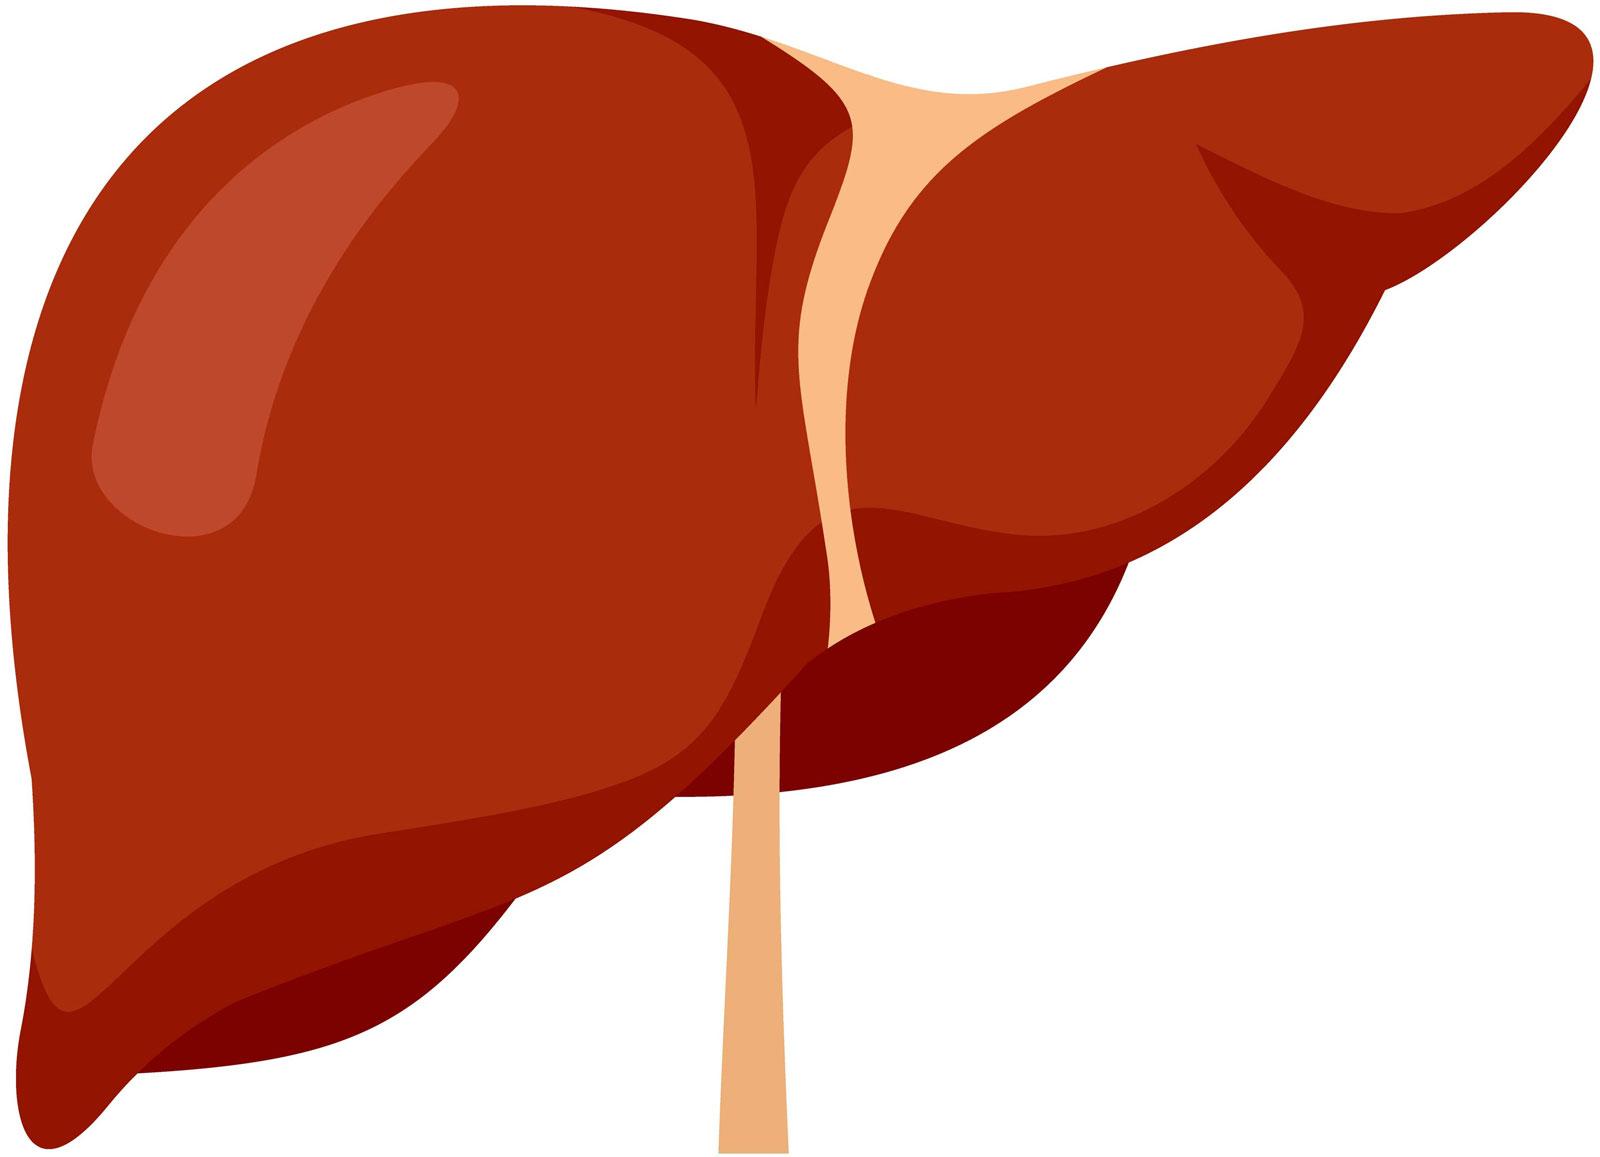 enlarged_kidney_1.jpg